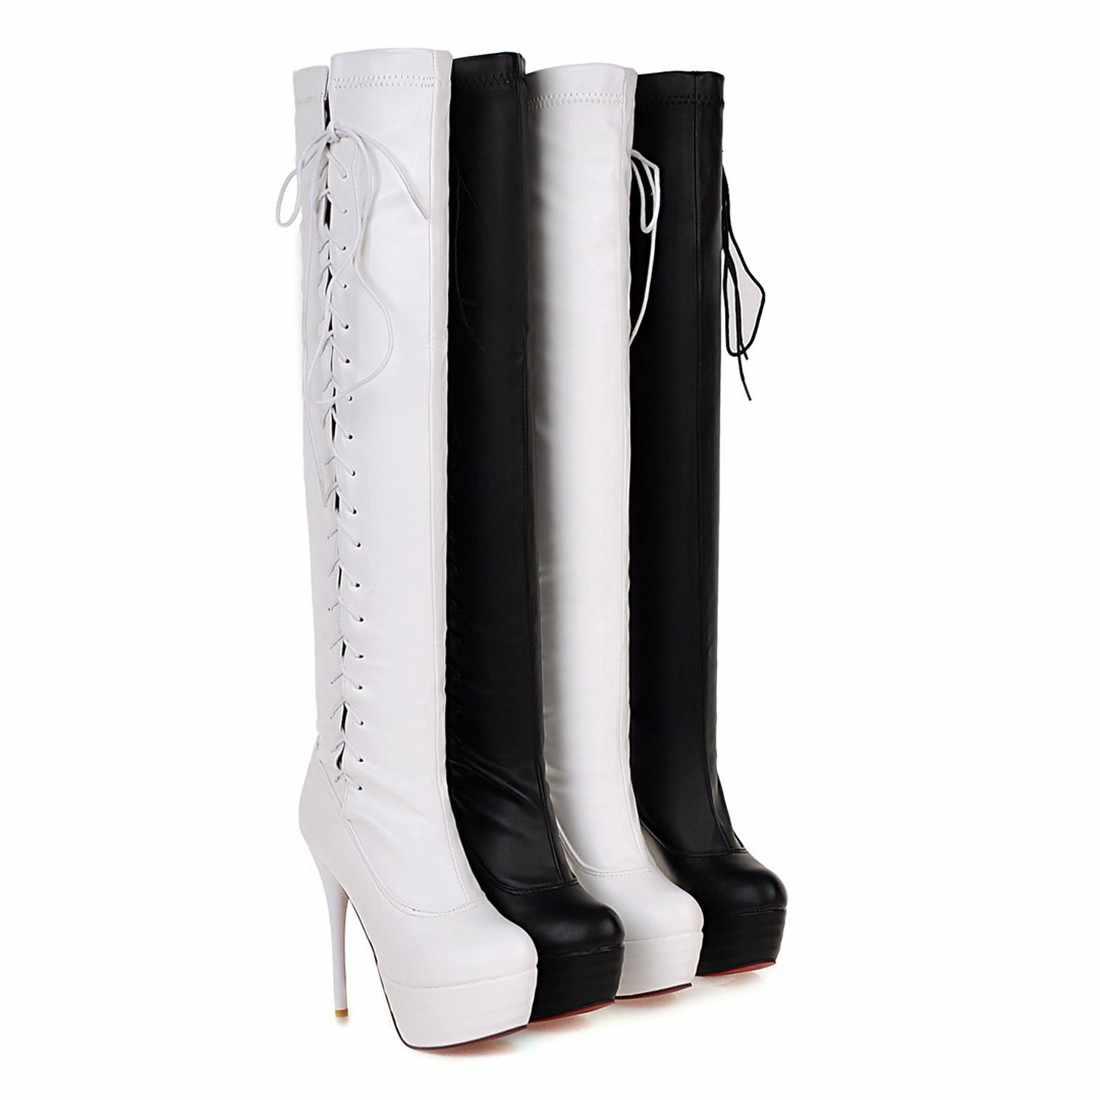 BONJOMARISA nueva otoño 33-46 Sexy botas altas del muslo de fiesta mujeres 2019 atado sobre la rodilla botas súper delgadas zapatos de tacón alto para mujer